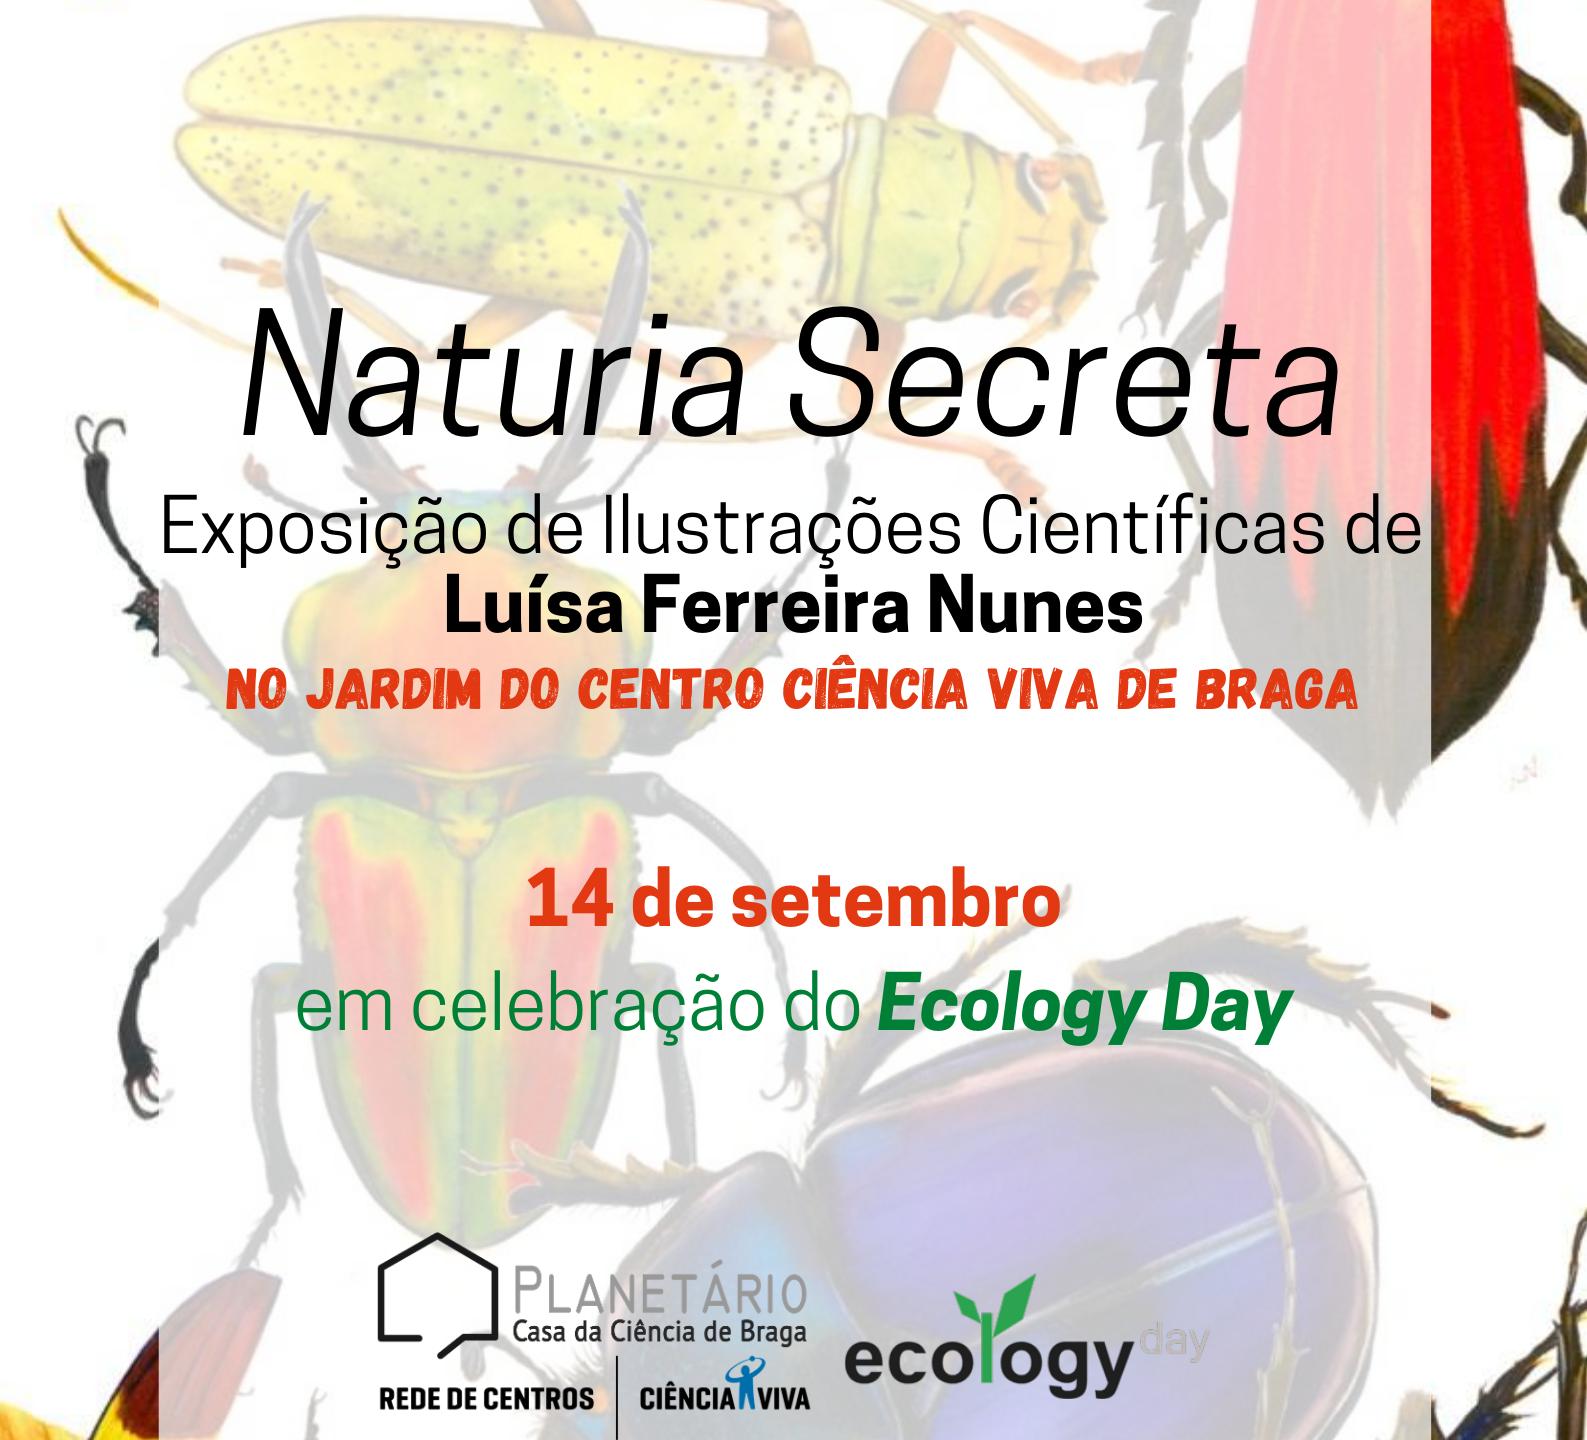 Naturia Secreta